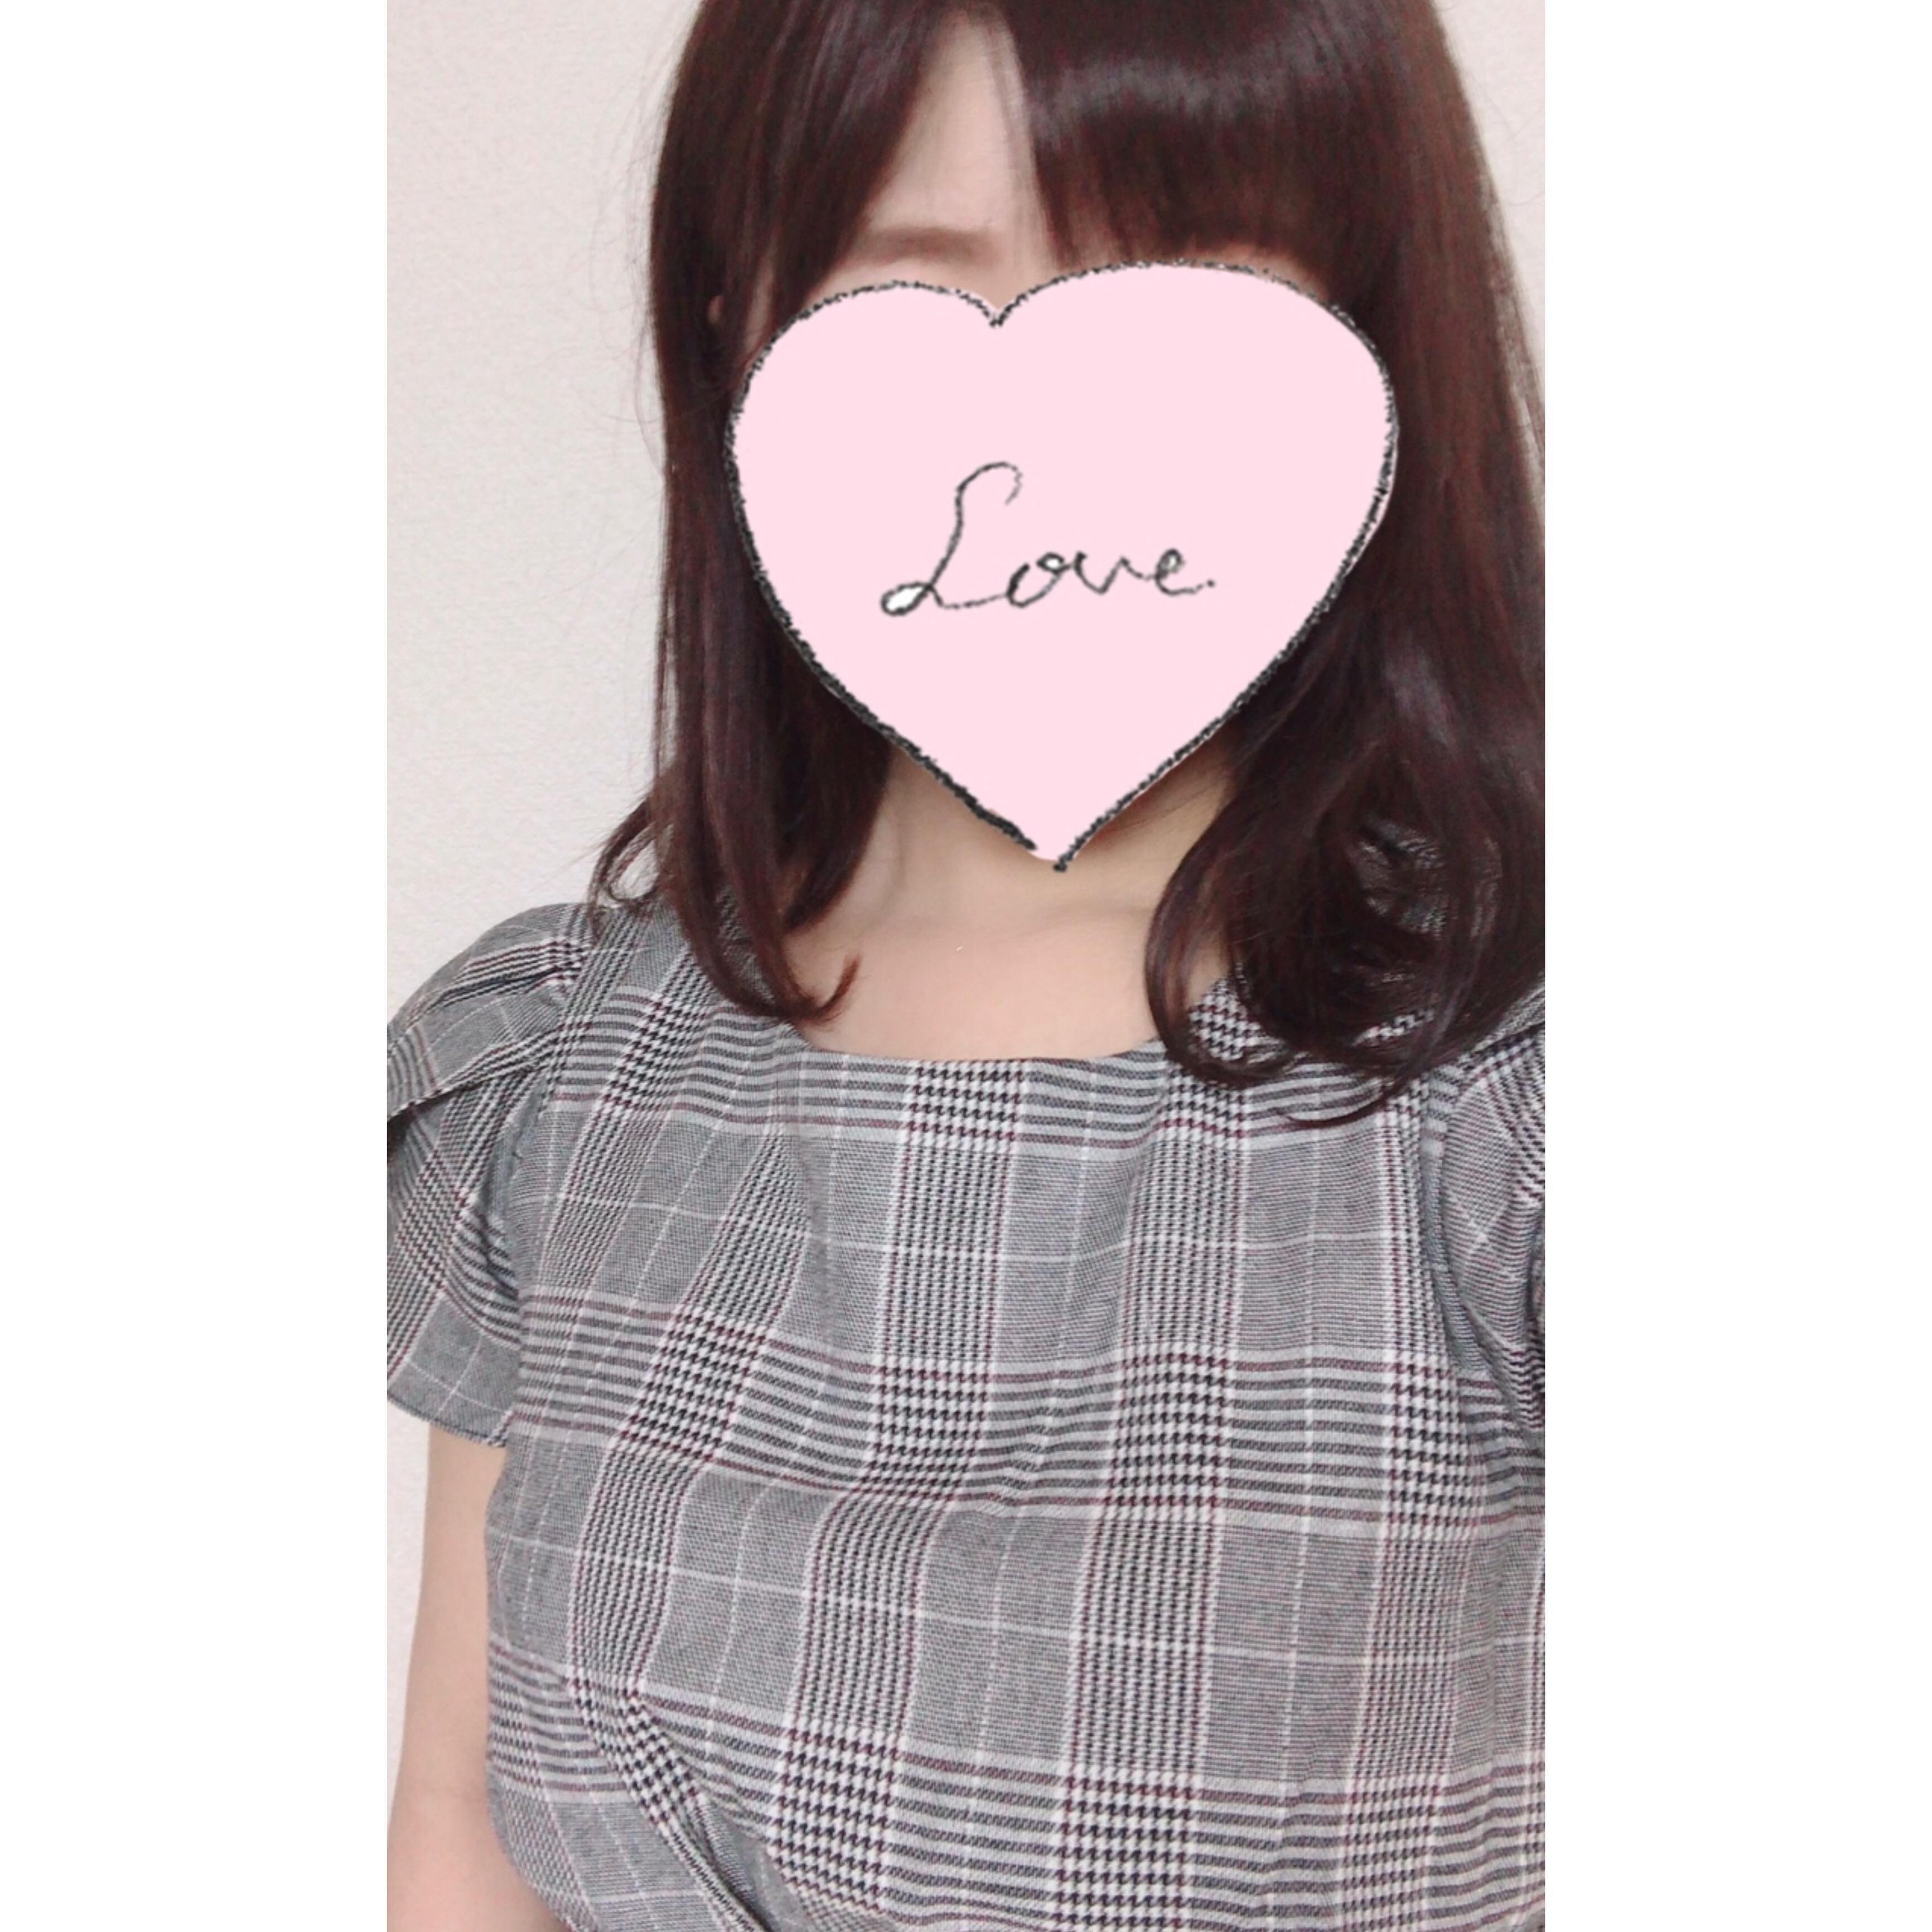 「* お礼、12:00〜出勤 *」09/17(09/17) 10:55 | ゆいかの写メ・風俗動画